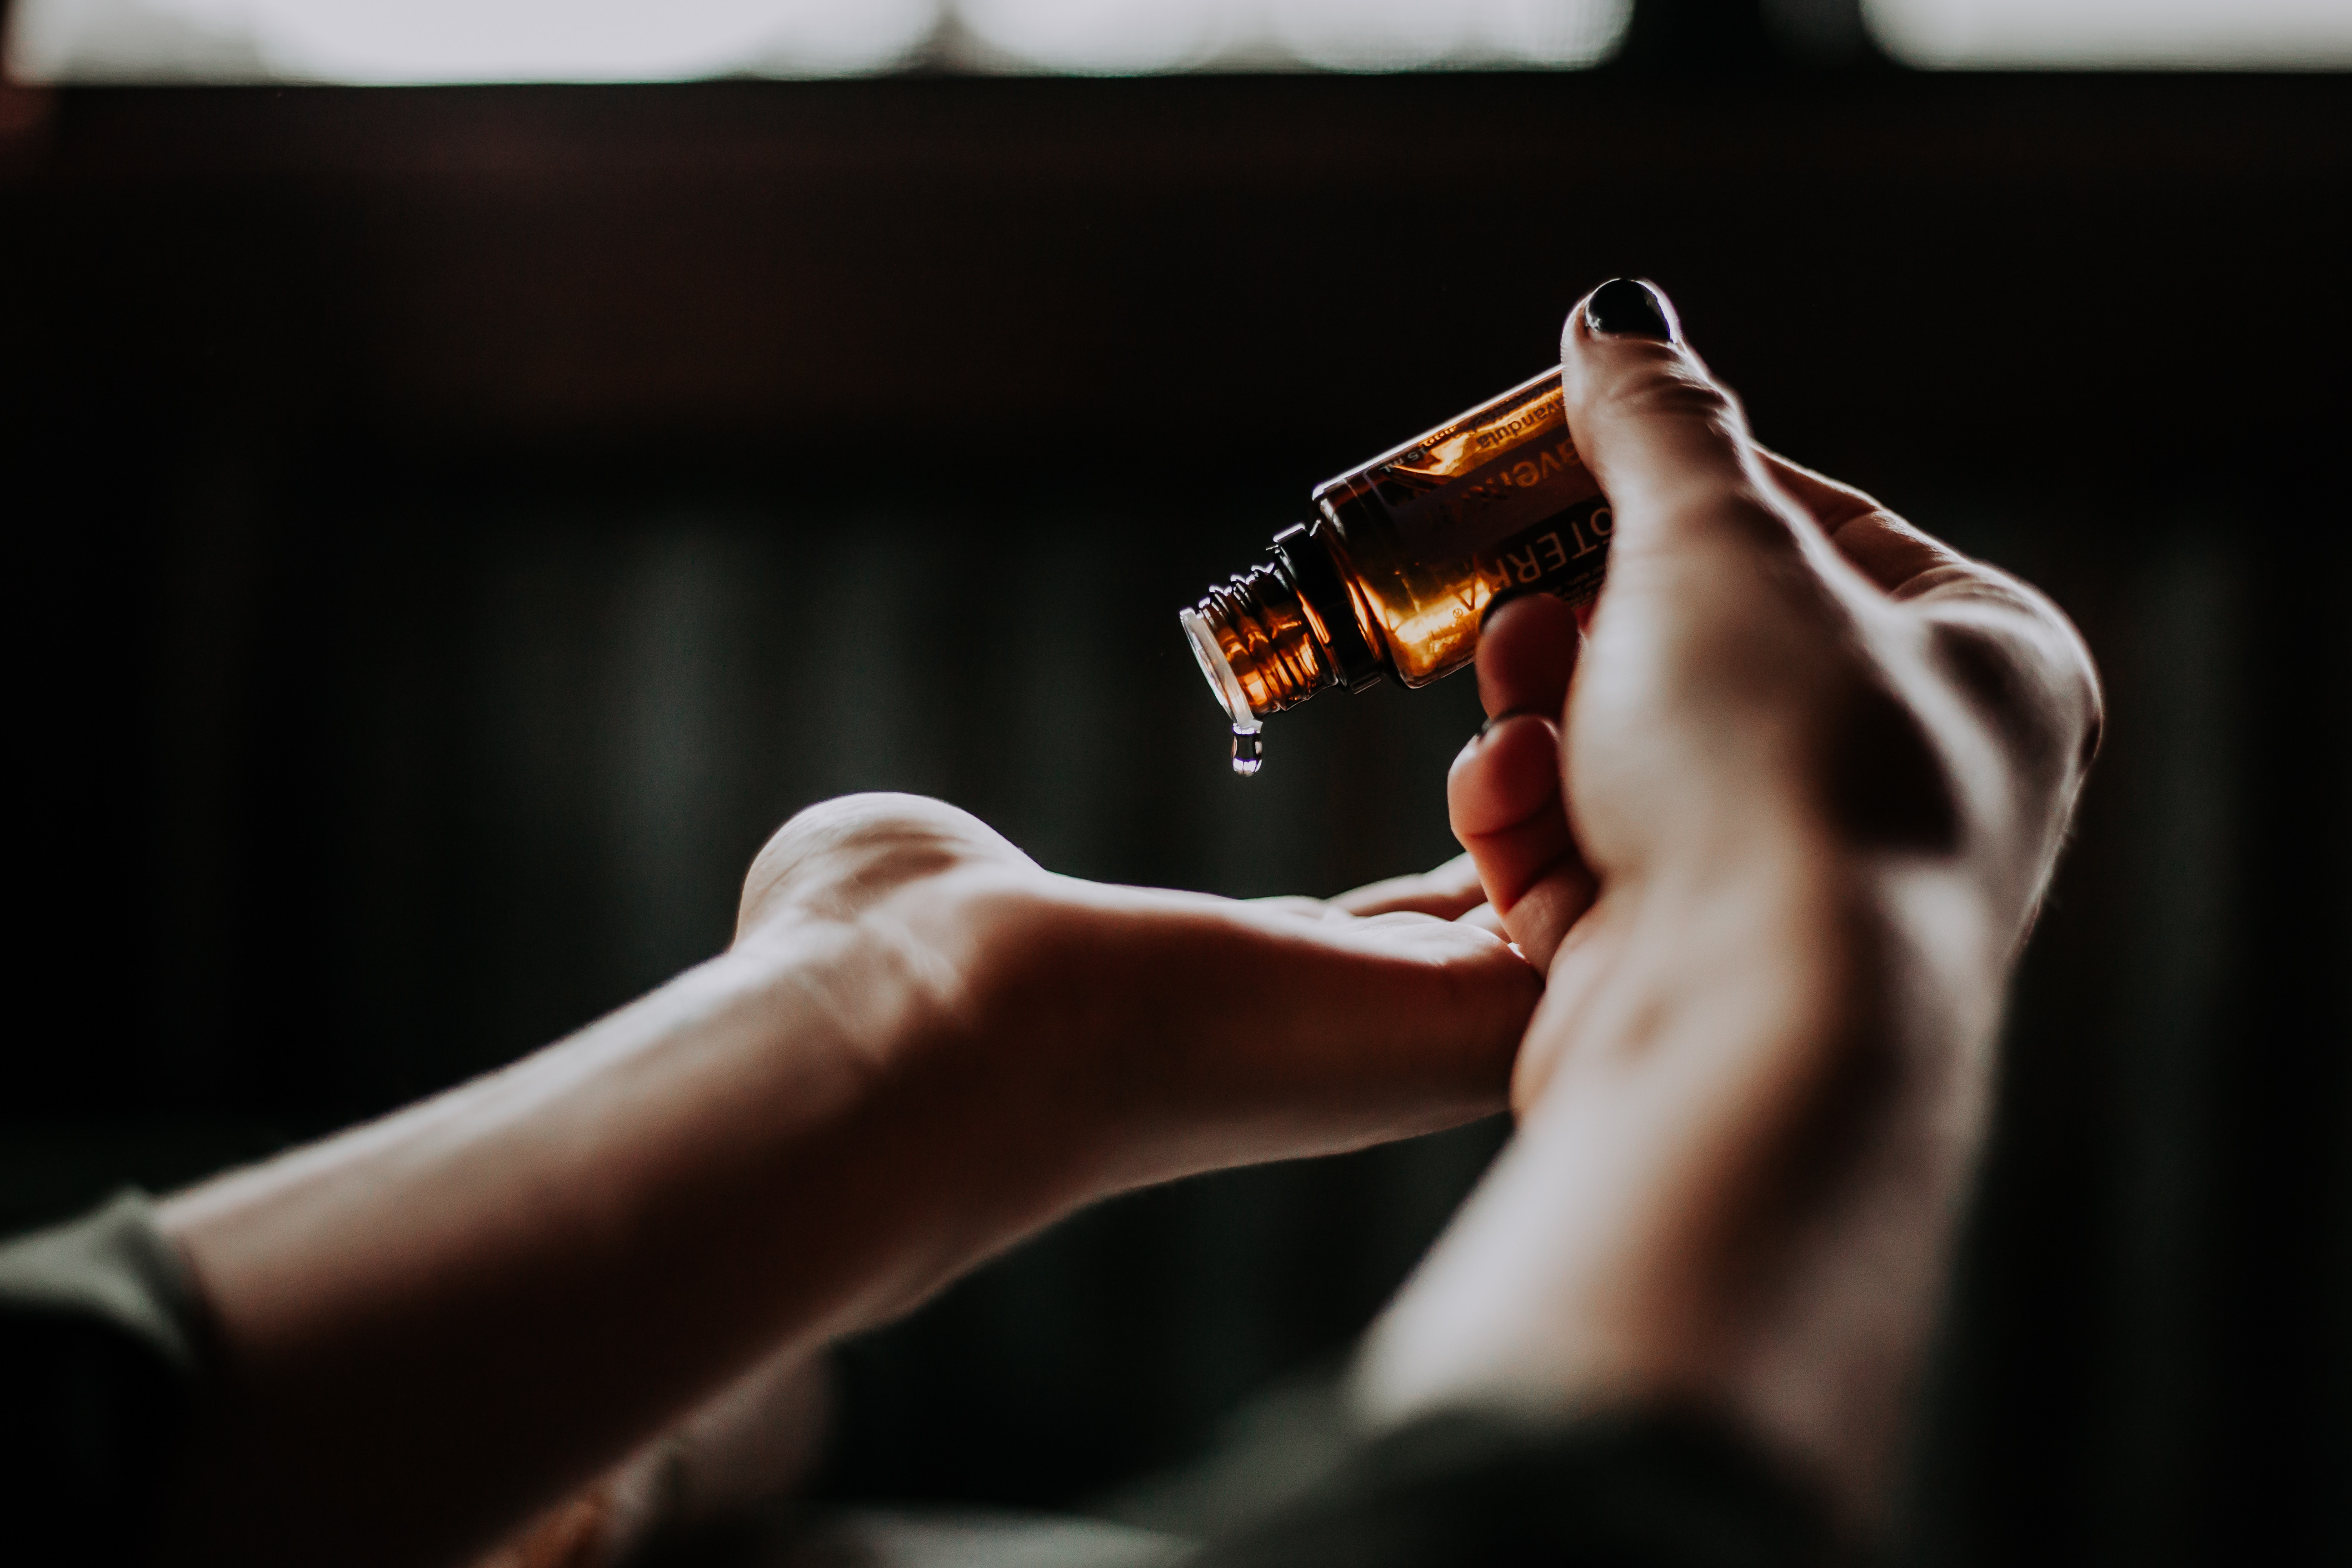 female hands holding CBD oil